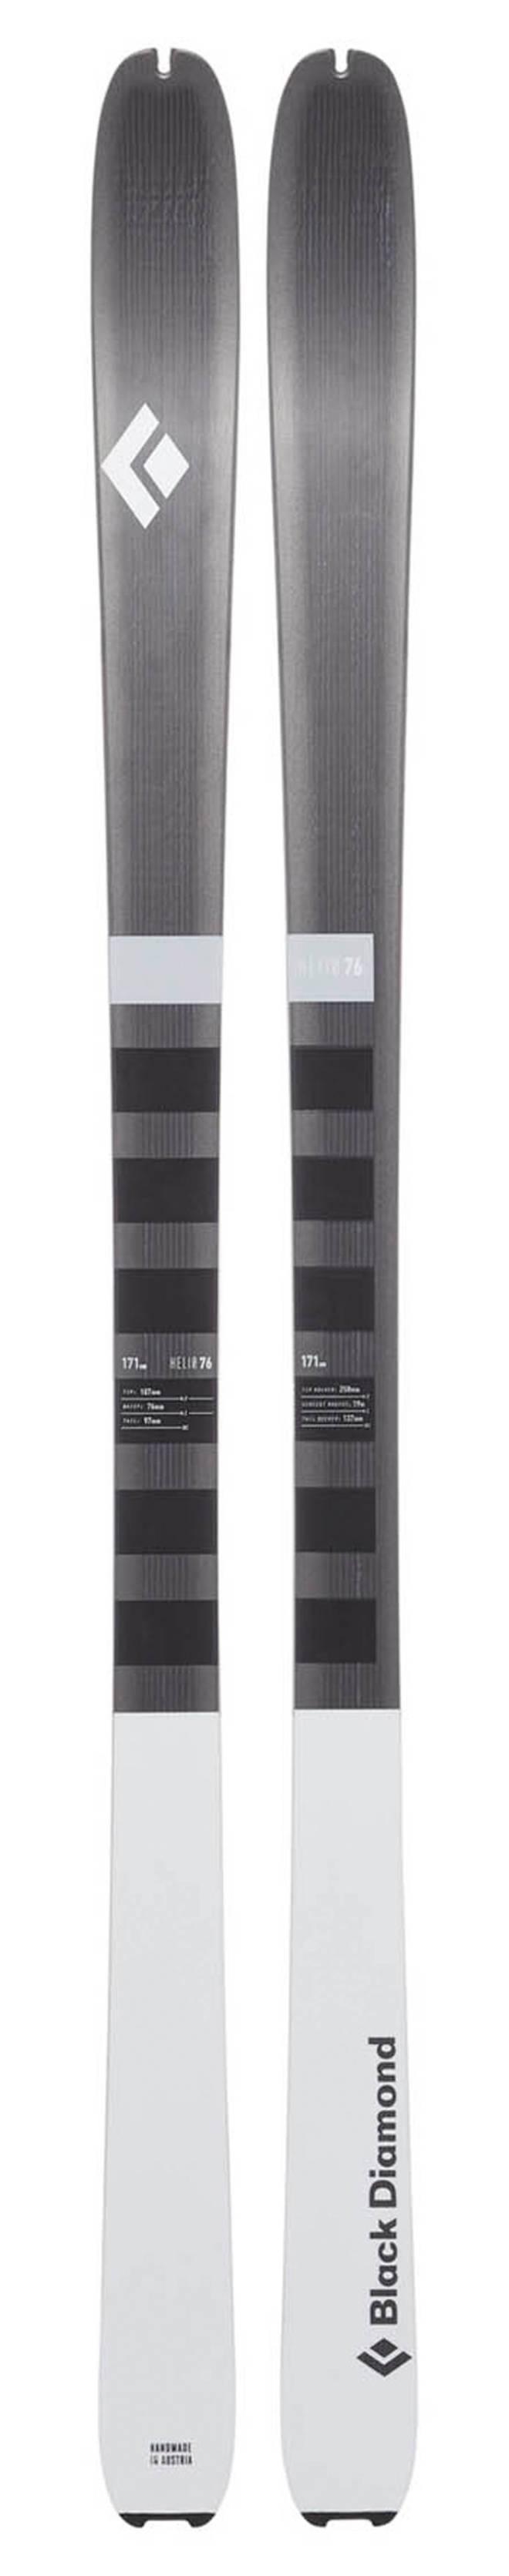 BLACK DIAMOND Helio 76